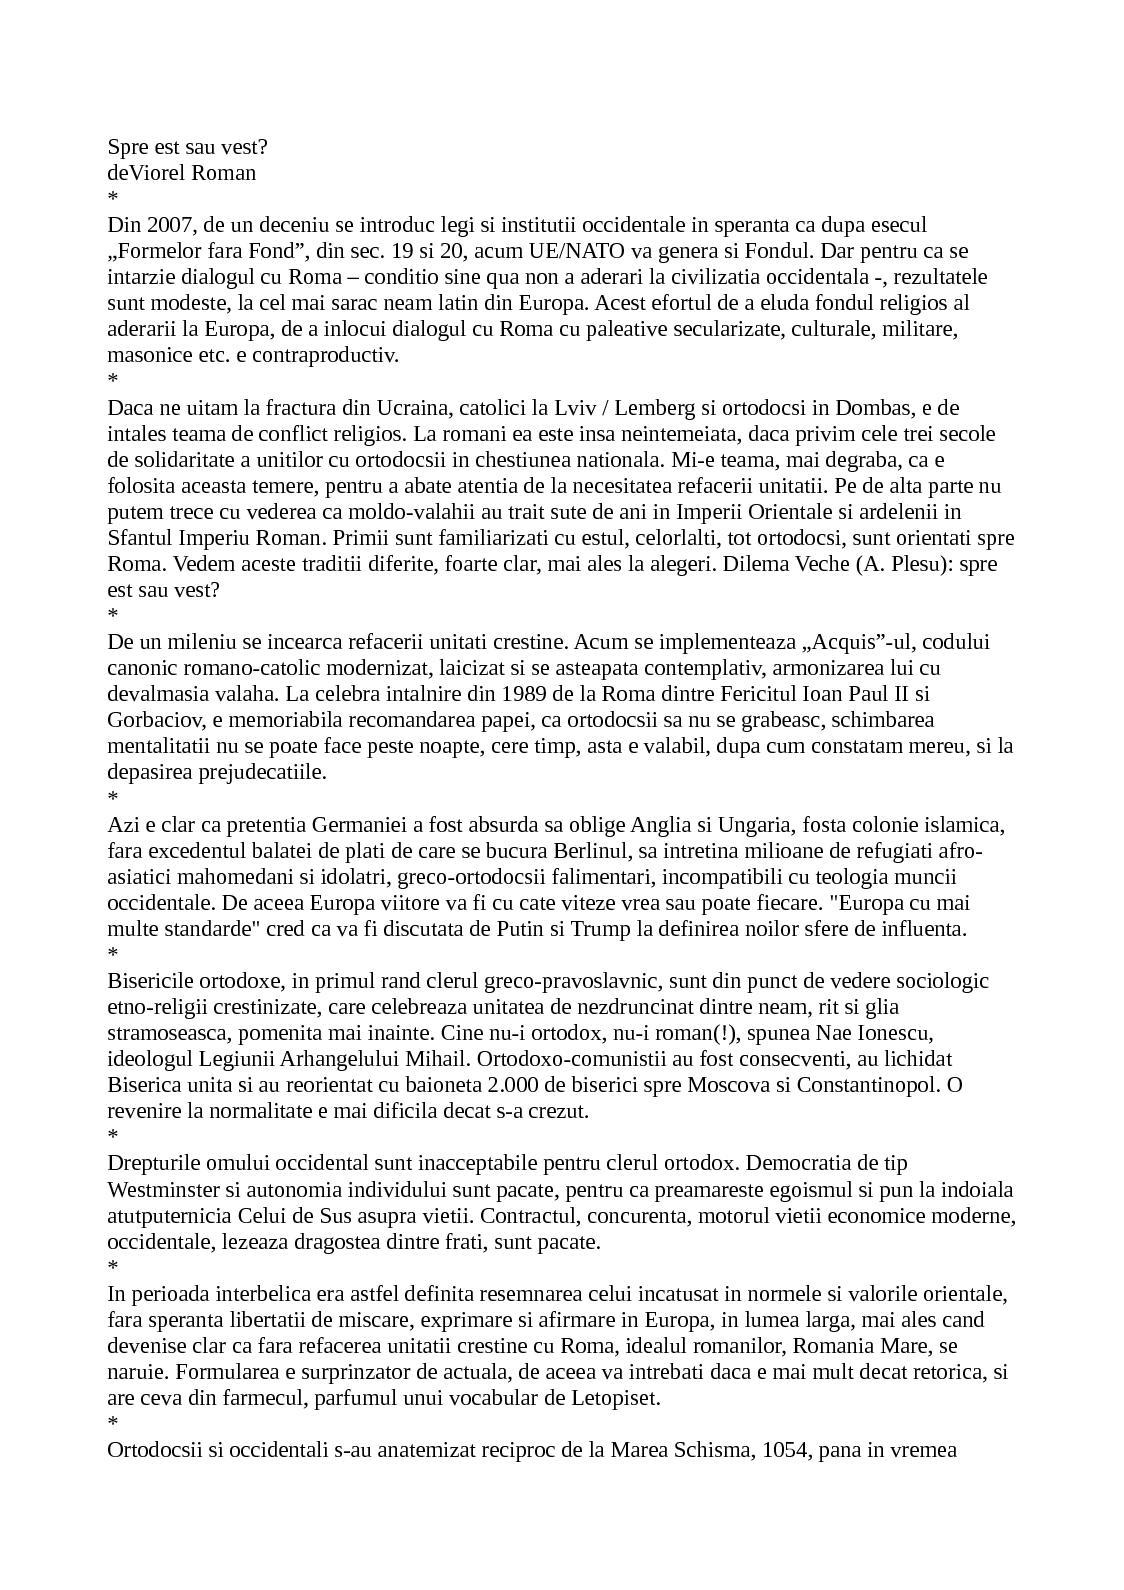 Dezvoltarea unei viziuni clare pentru viață   localuri-bucuresti.ro